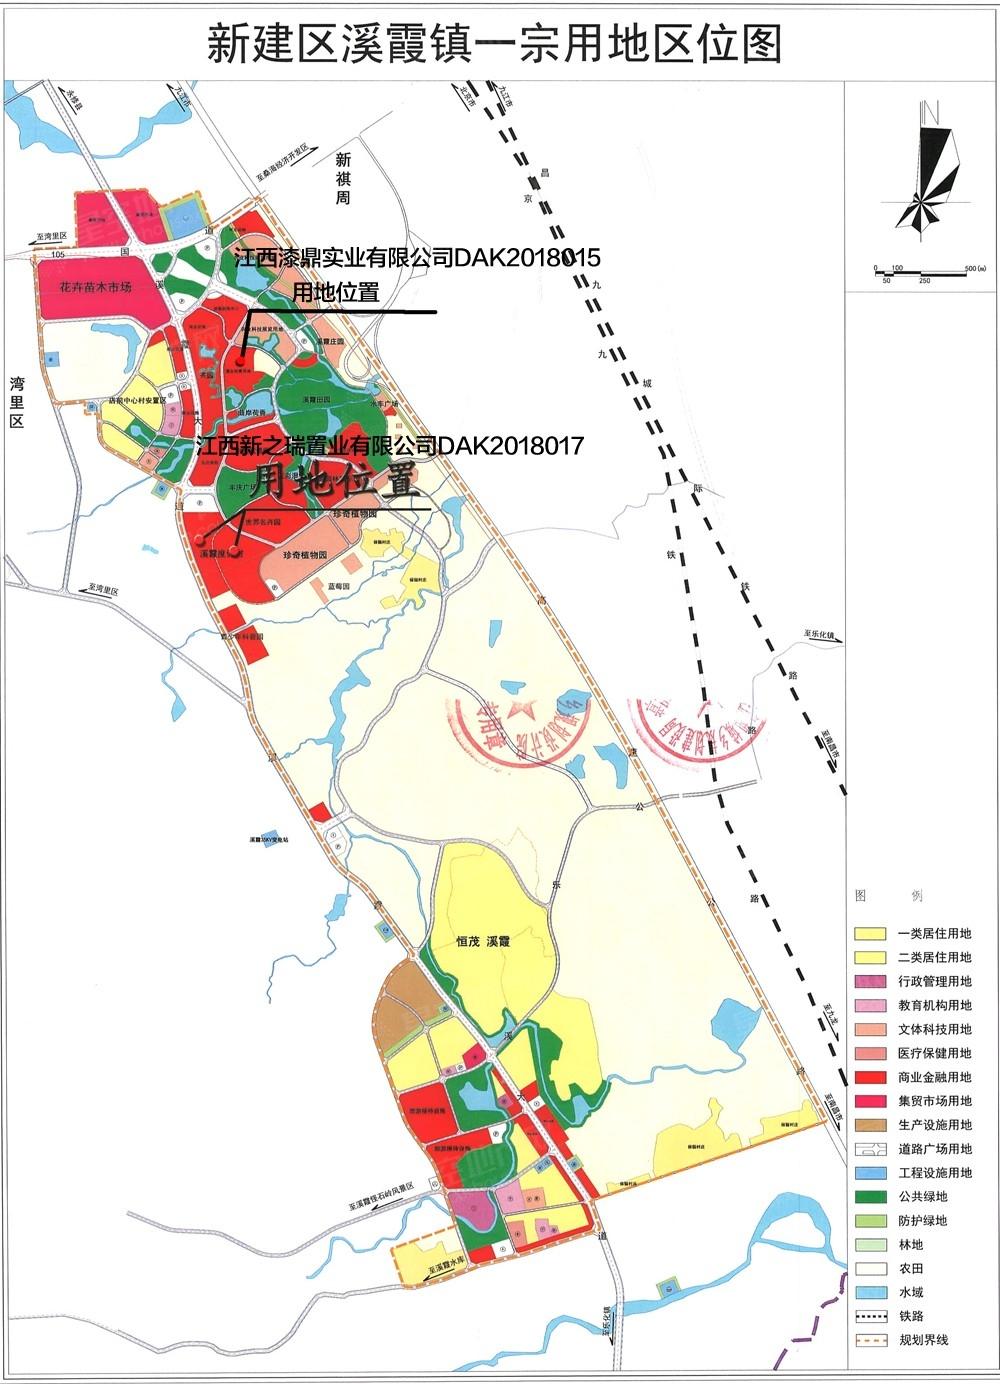 新建DAK2018015 DAK2018017商服用地区位图.jpg